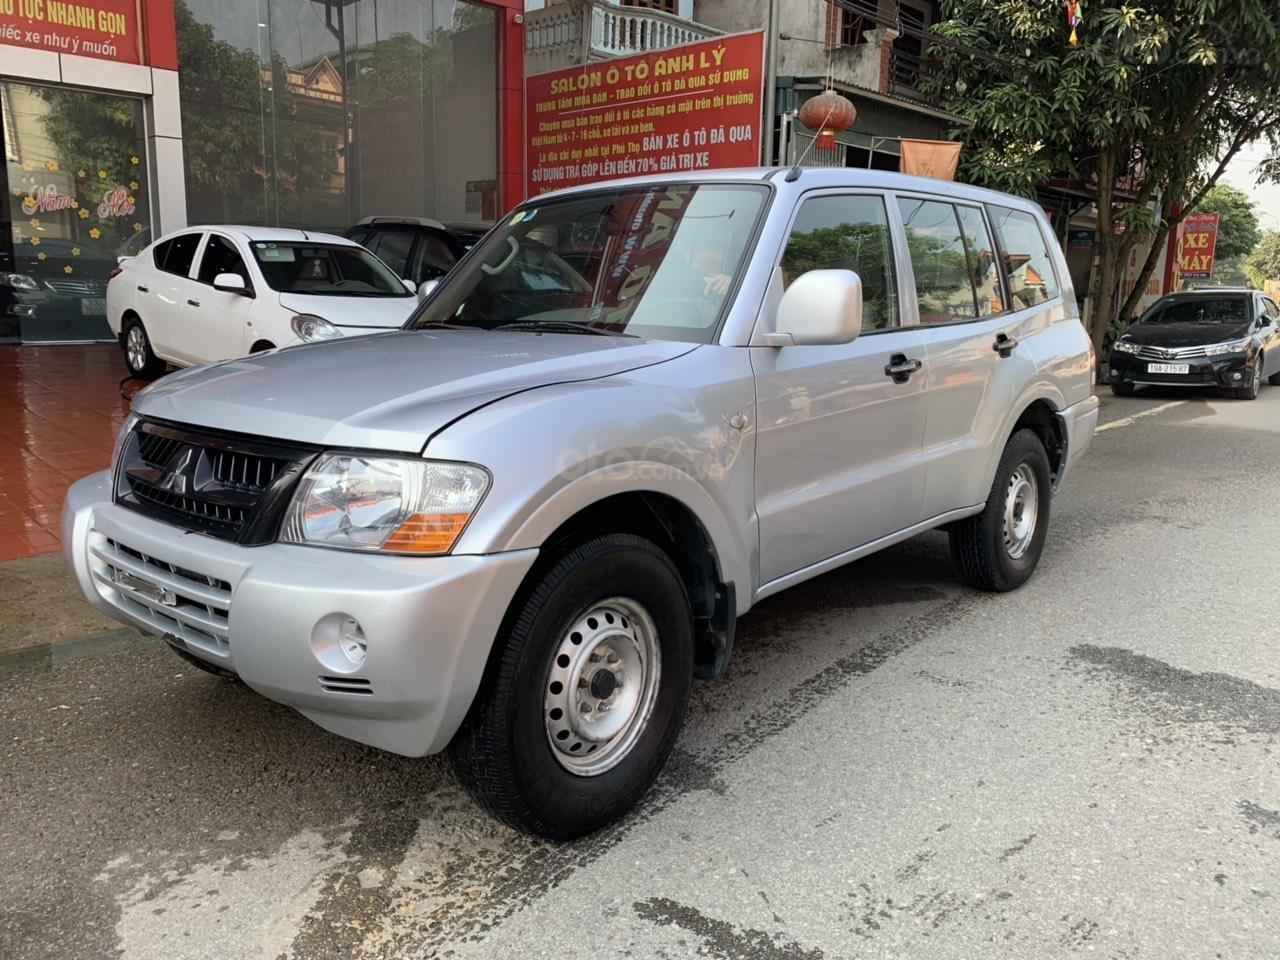 Cần bán xe Mitsubishi Pajero năm sản xuất 2006, màu bạc, nhập khẩu nguyên chiếc (2)